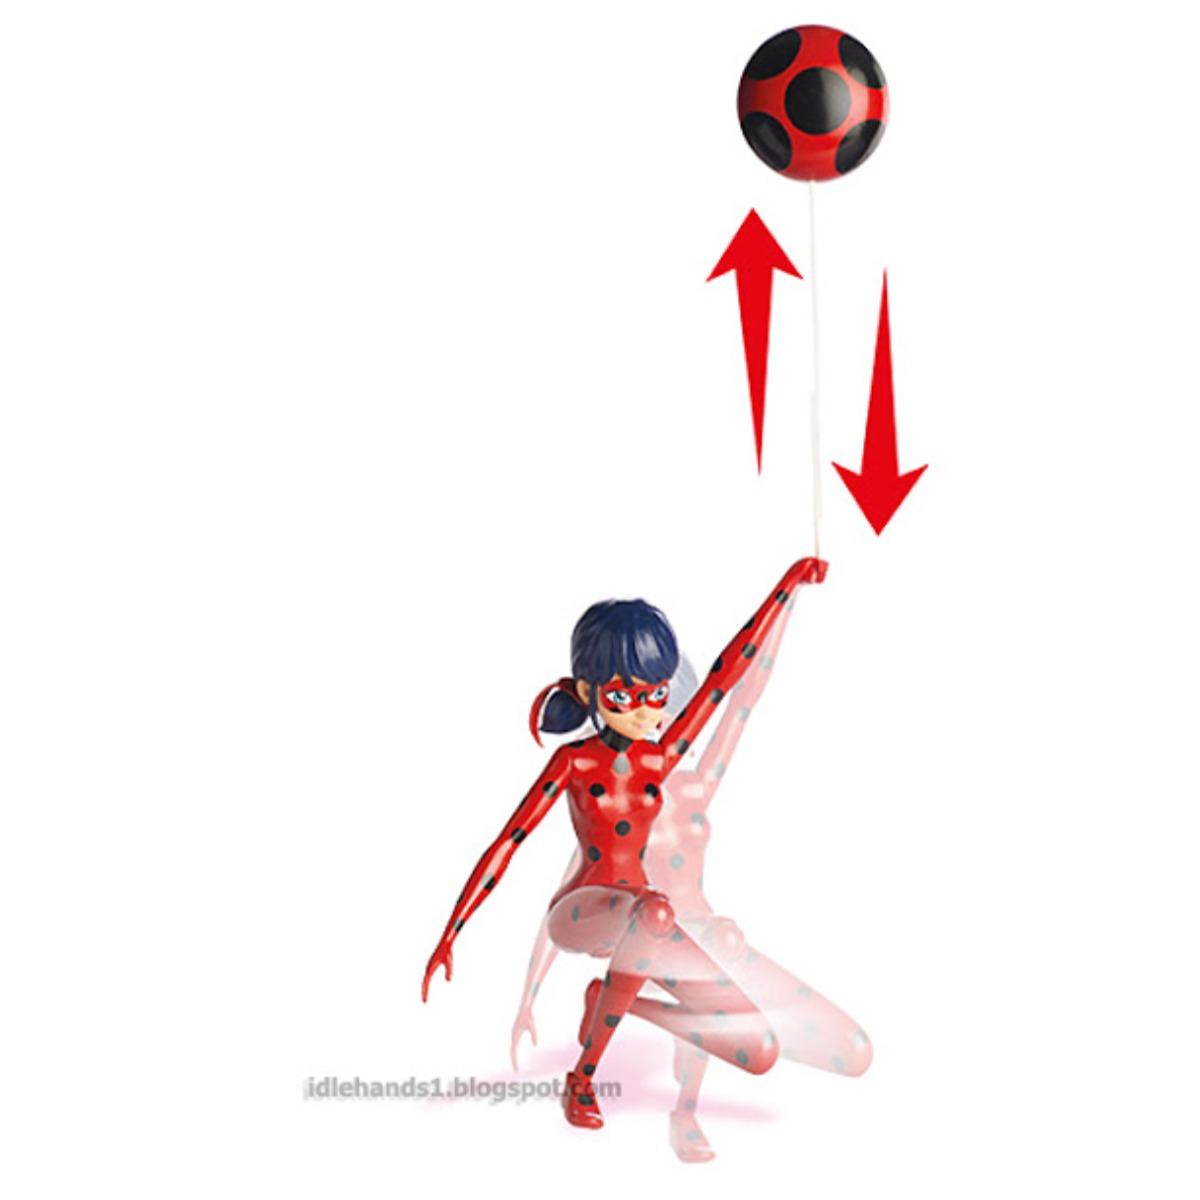 Vuela Fly LadybugSalta Y Jumpamp; Miraculous UVzSMp